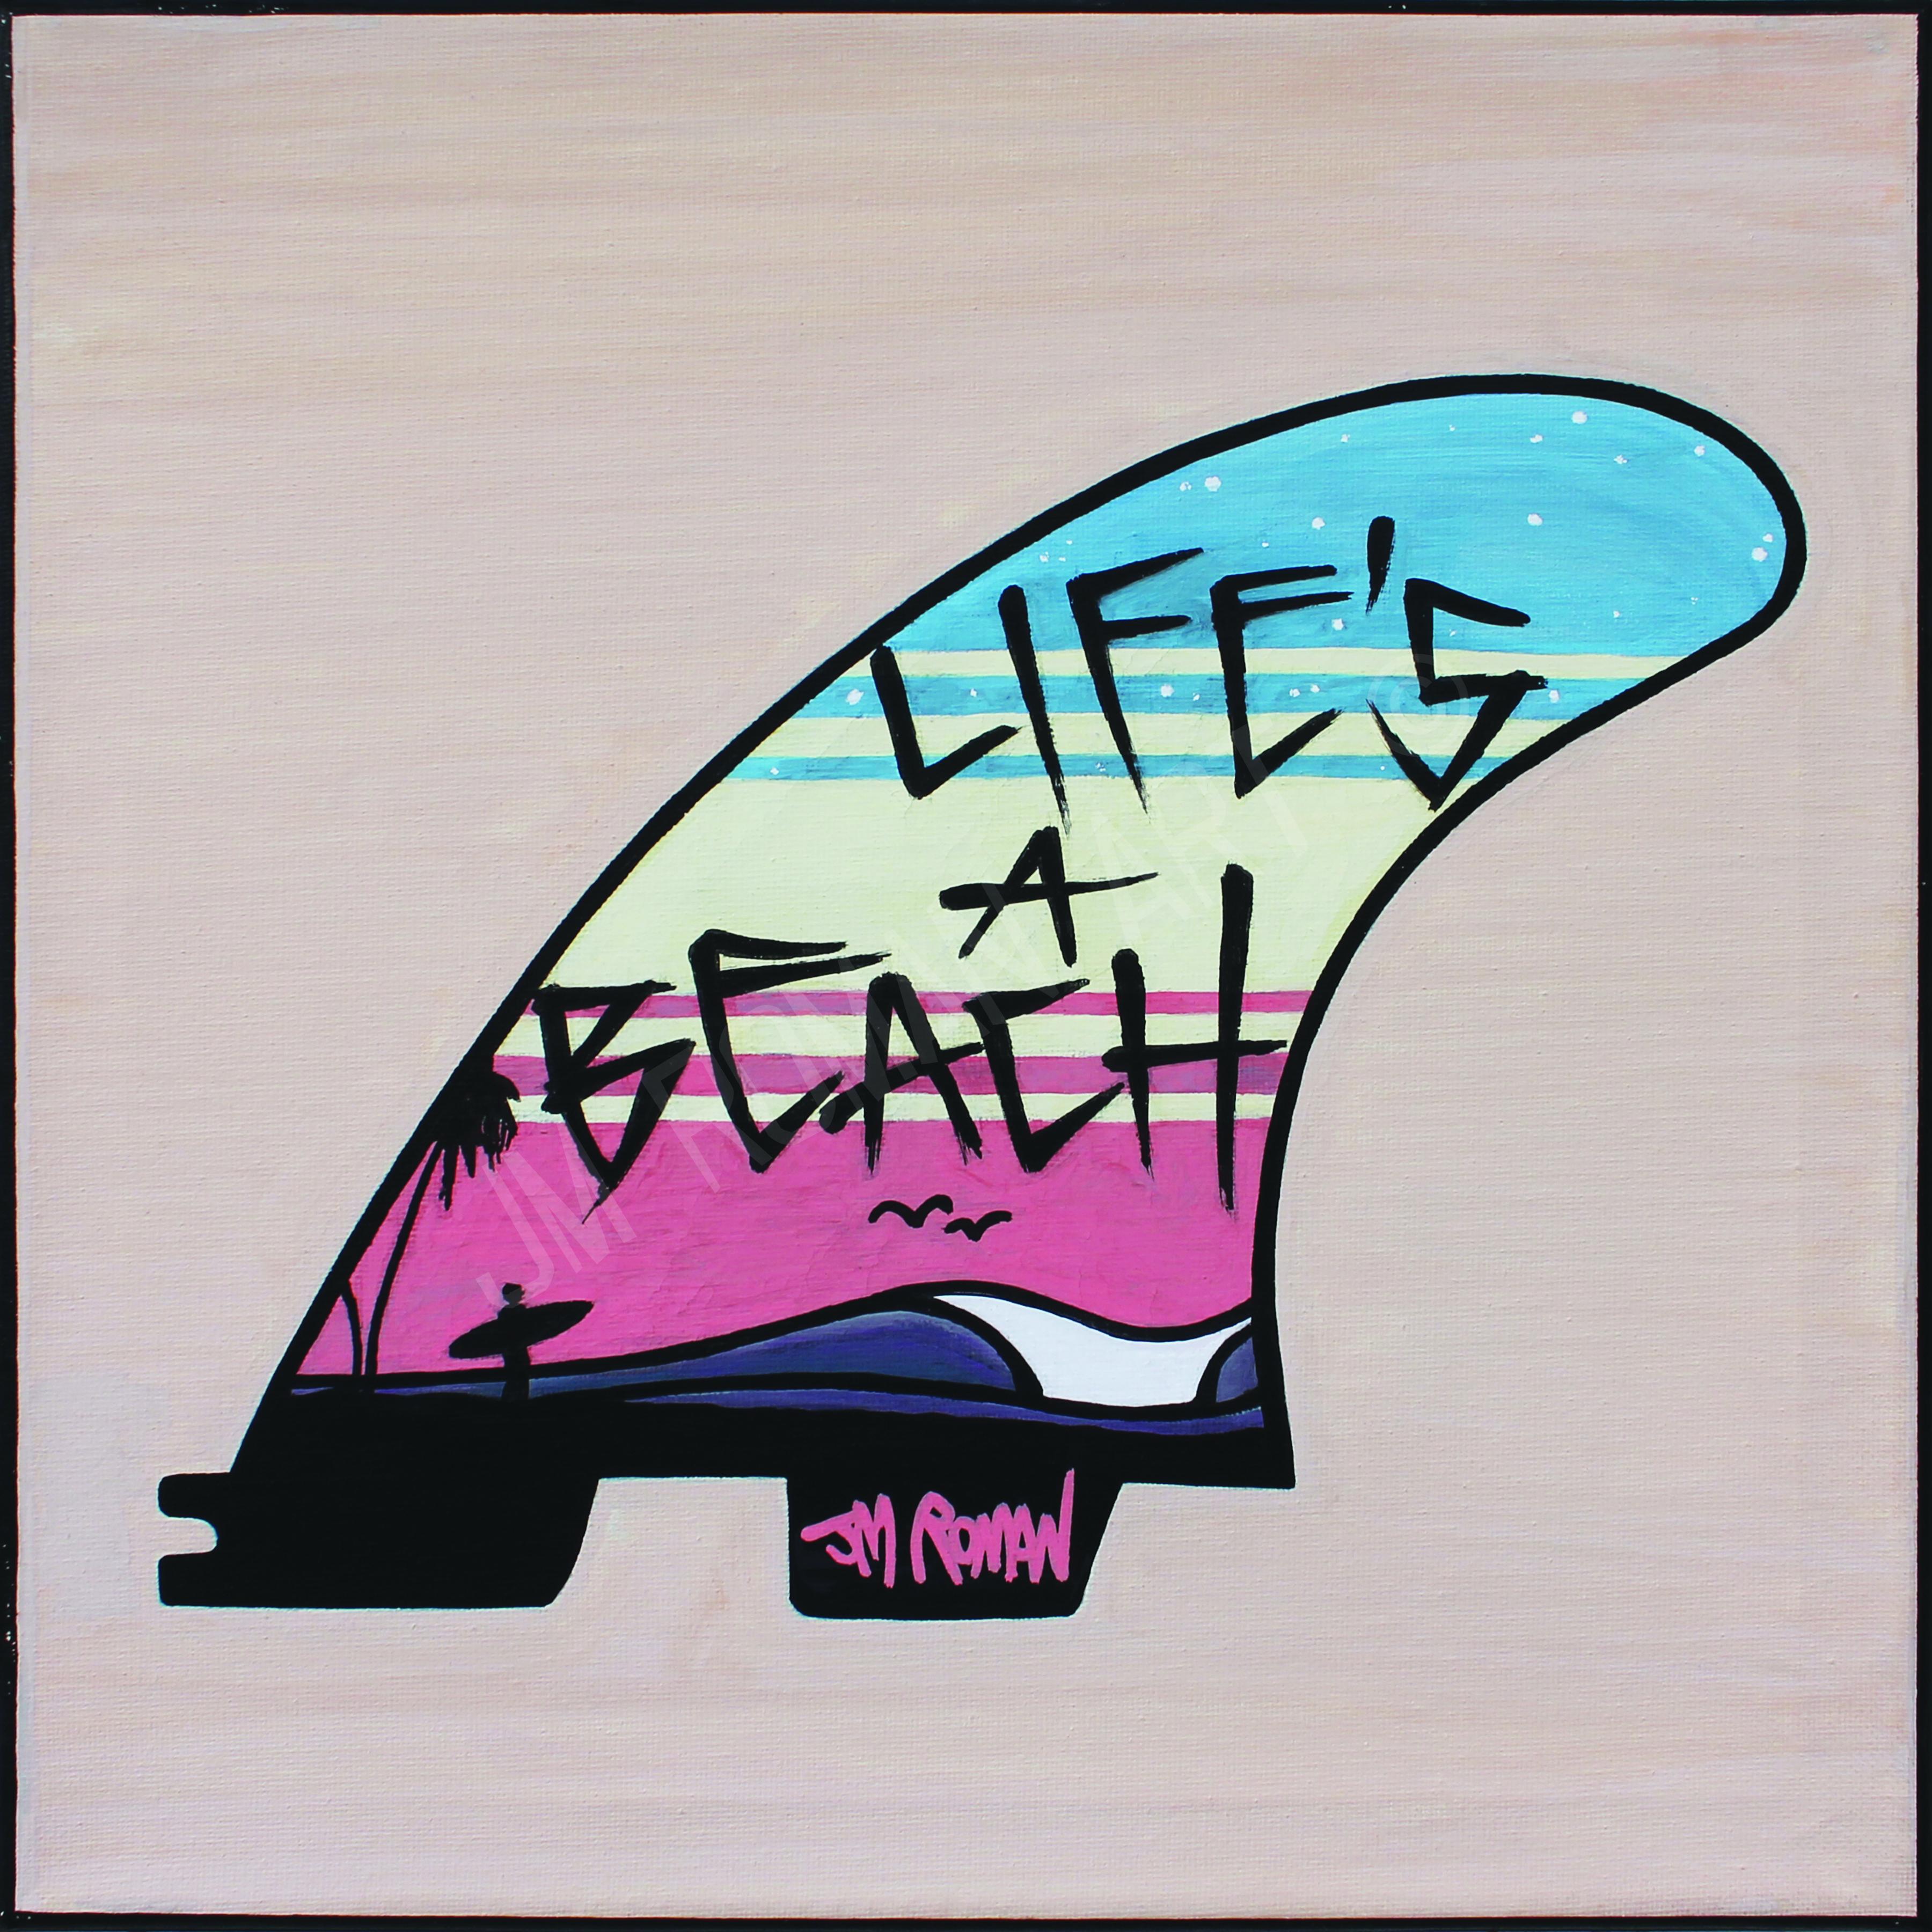 12x12 Life's a Beach